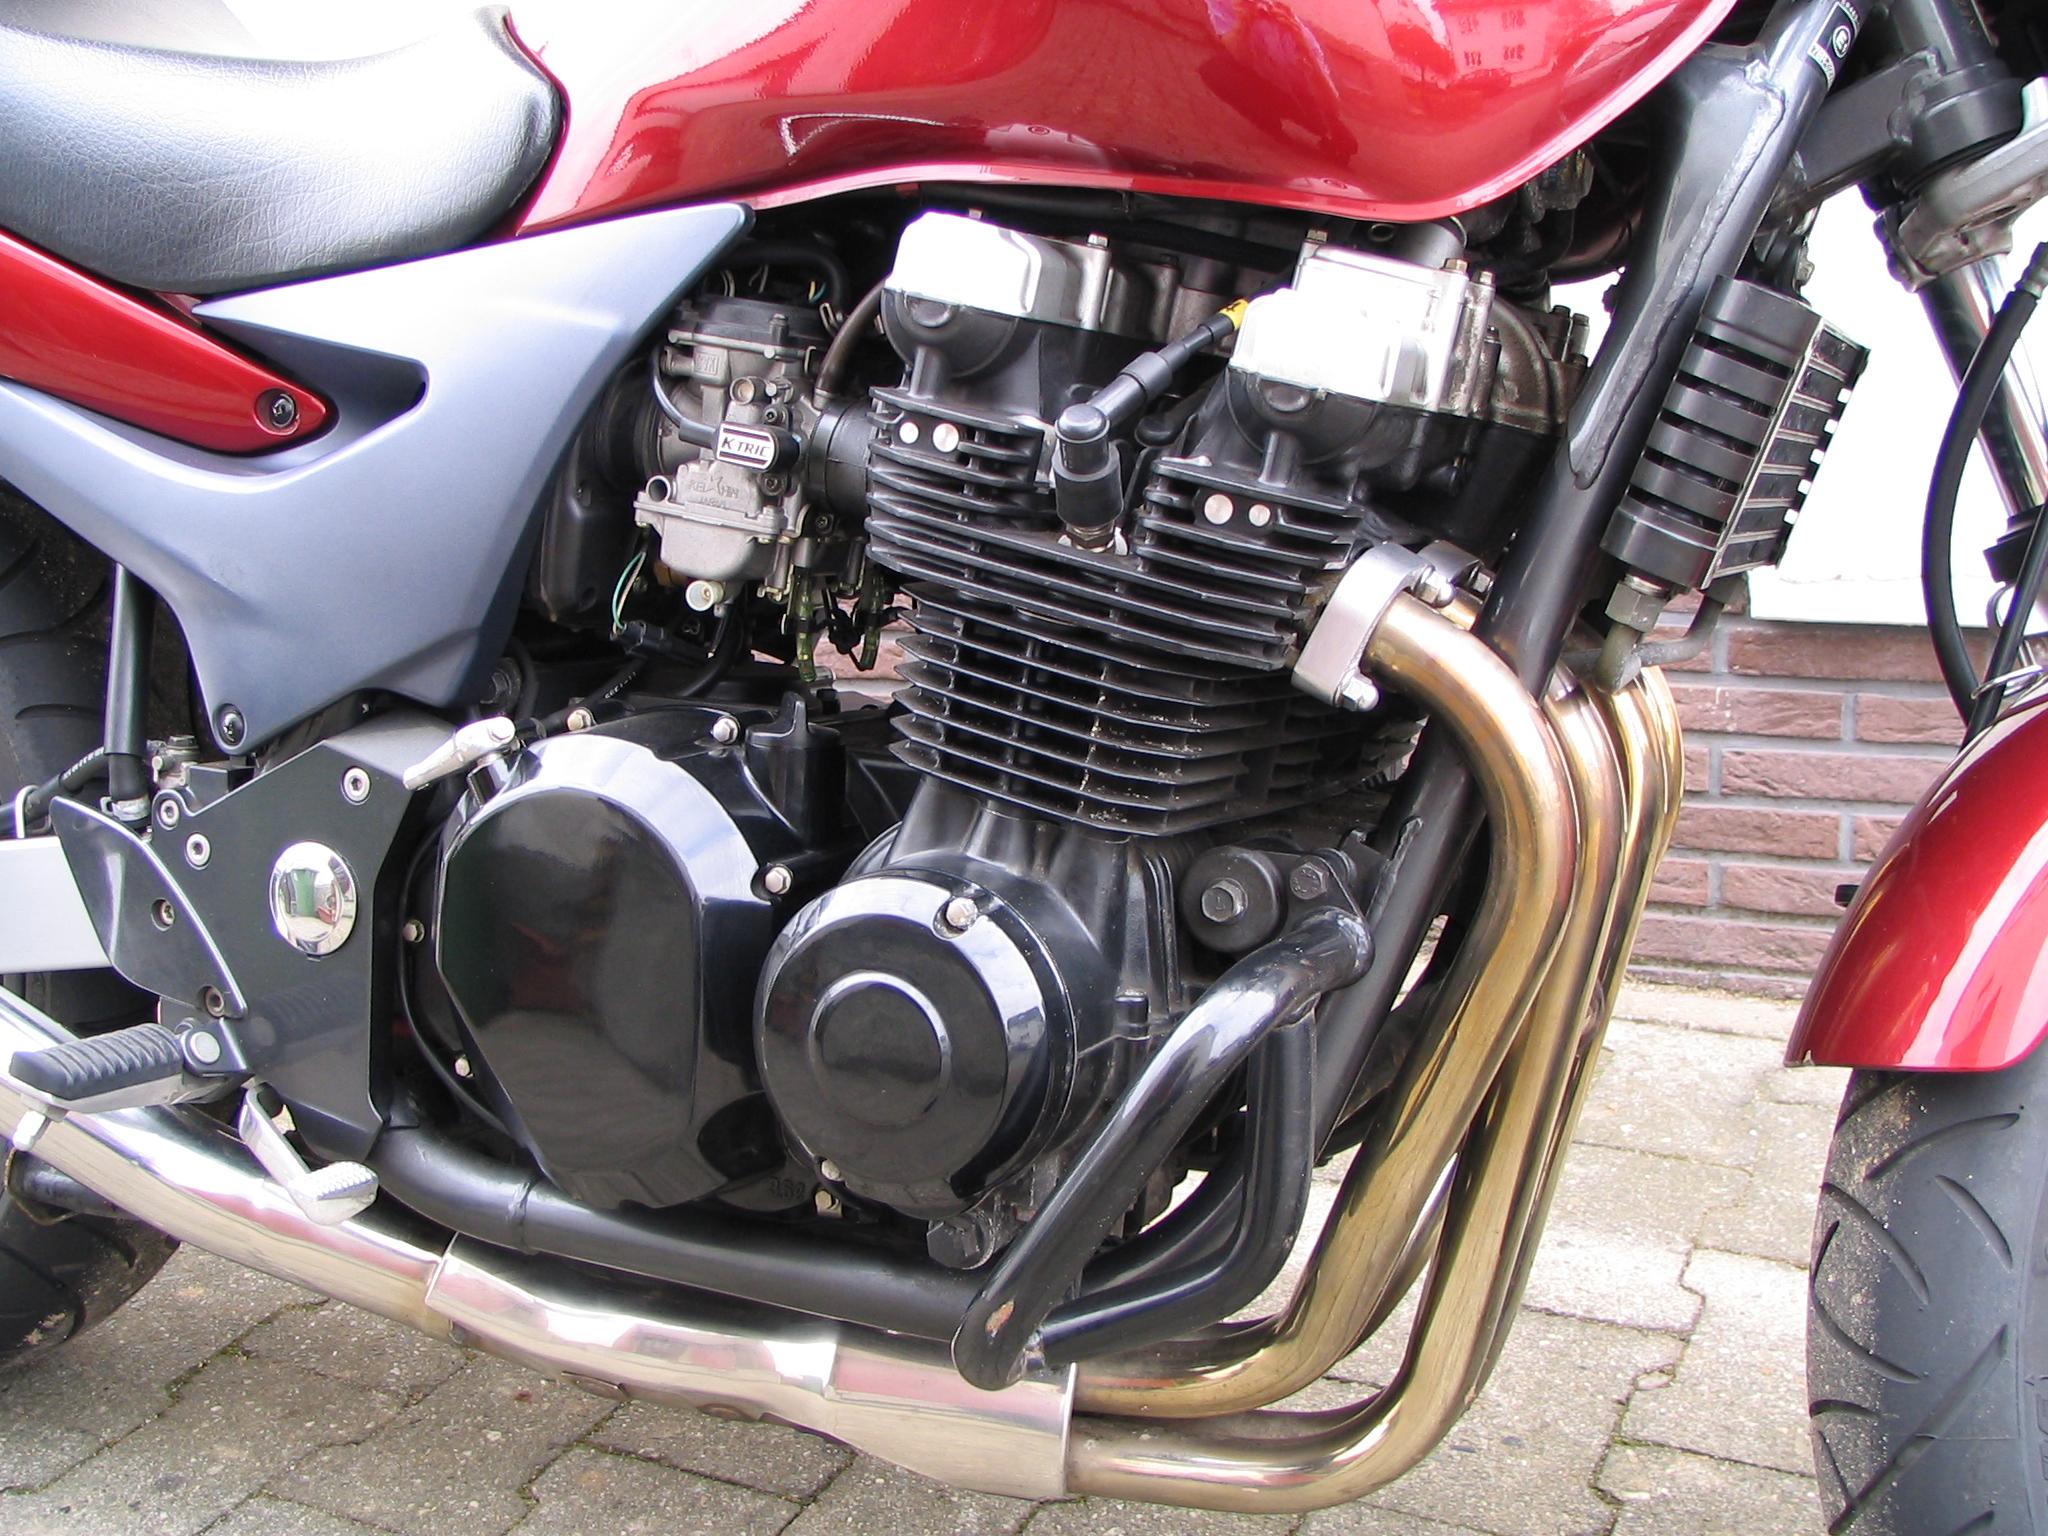 Cc Motorcycle Kawasaki